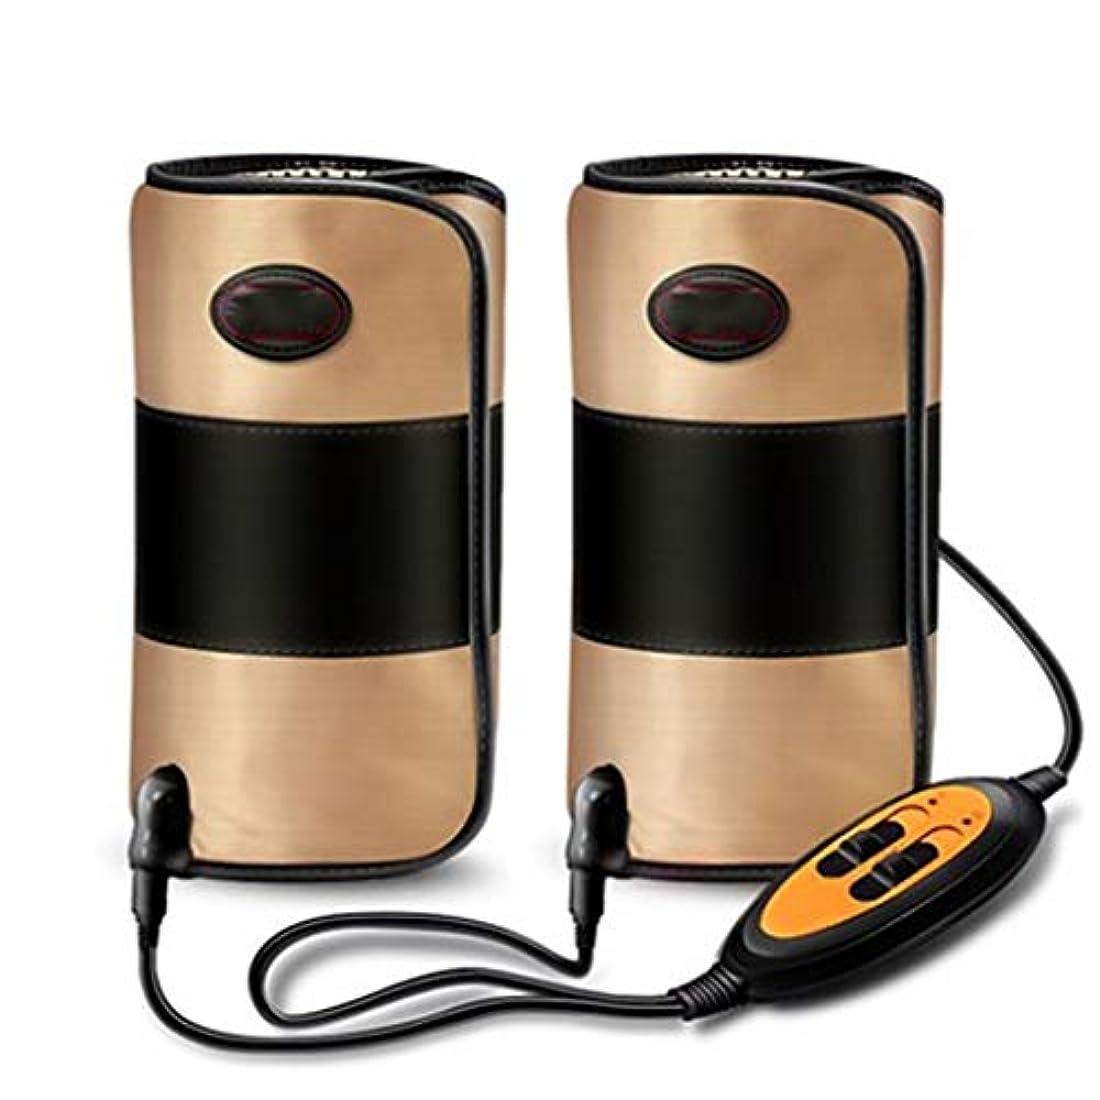 脱走ローマ人専門化する足の振動マッサージャー、手持ち型のコントローラーが付いている遠い赤外線マッサージャーの圧縮の足覆いのマッサージ療法